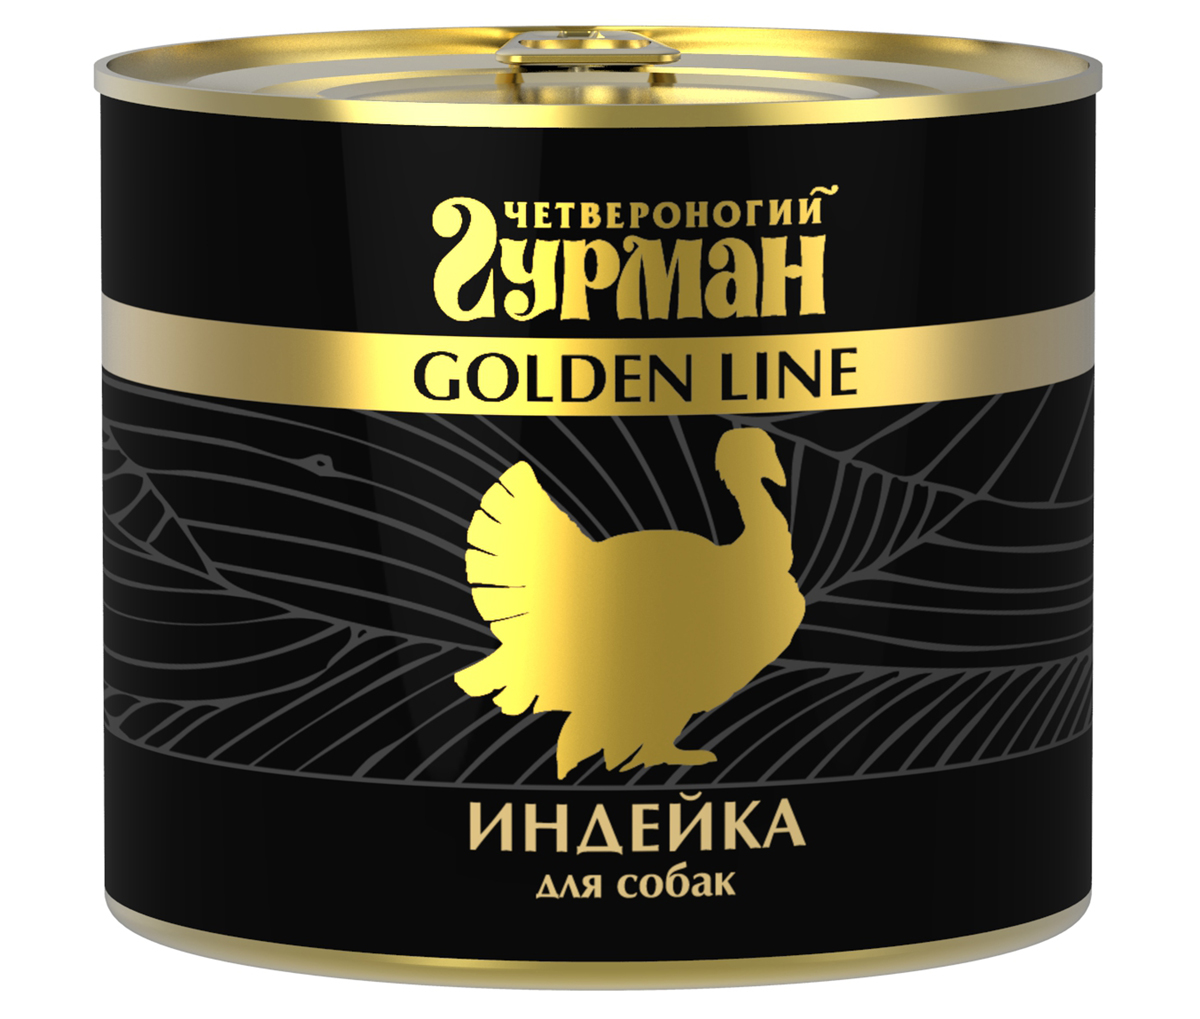 Консервы для собак Четвероногий гурман Golden Line, индейка натуральная в желе, 500 г